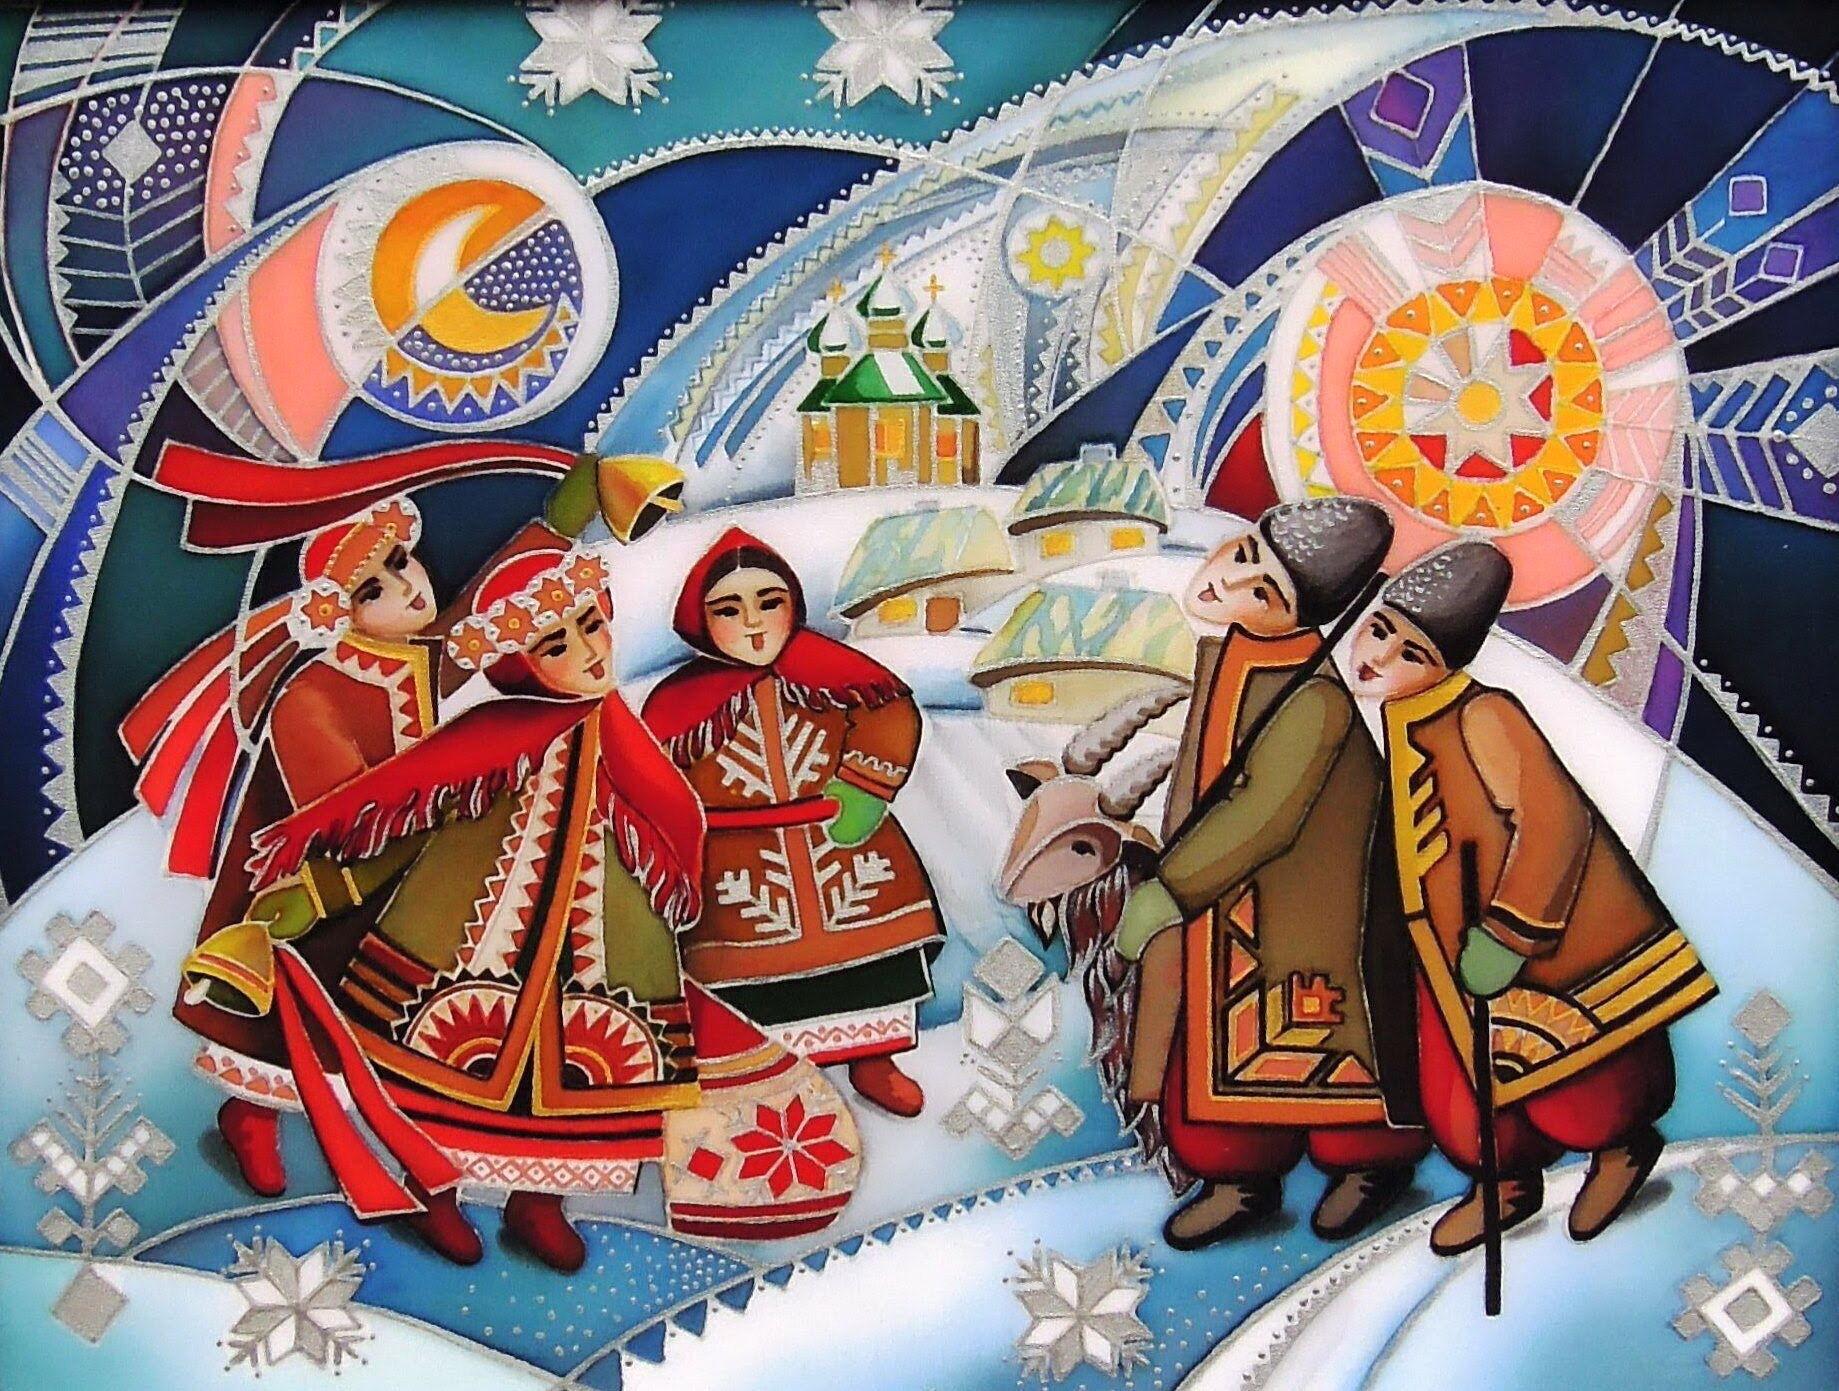 Щедрий вечір відзначають напередодні Старого Нового року